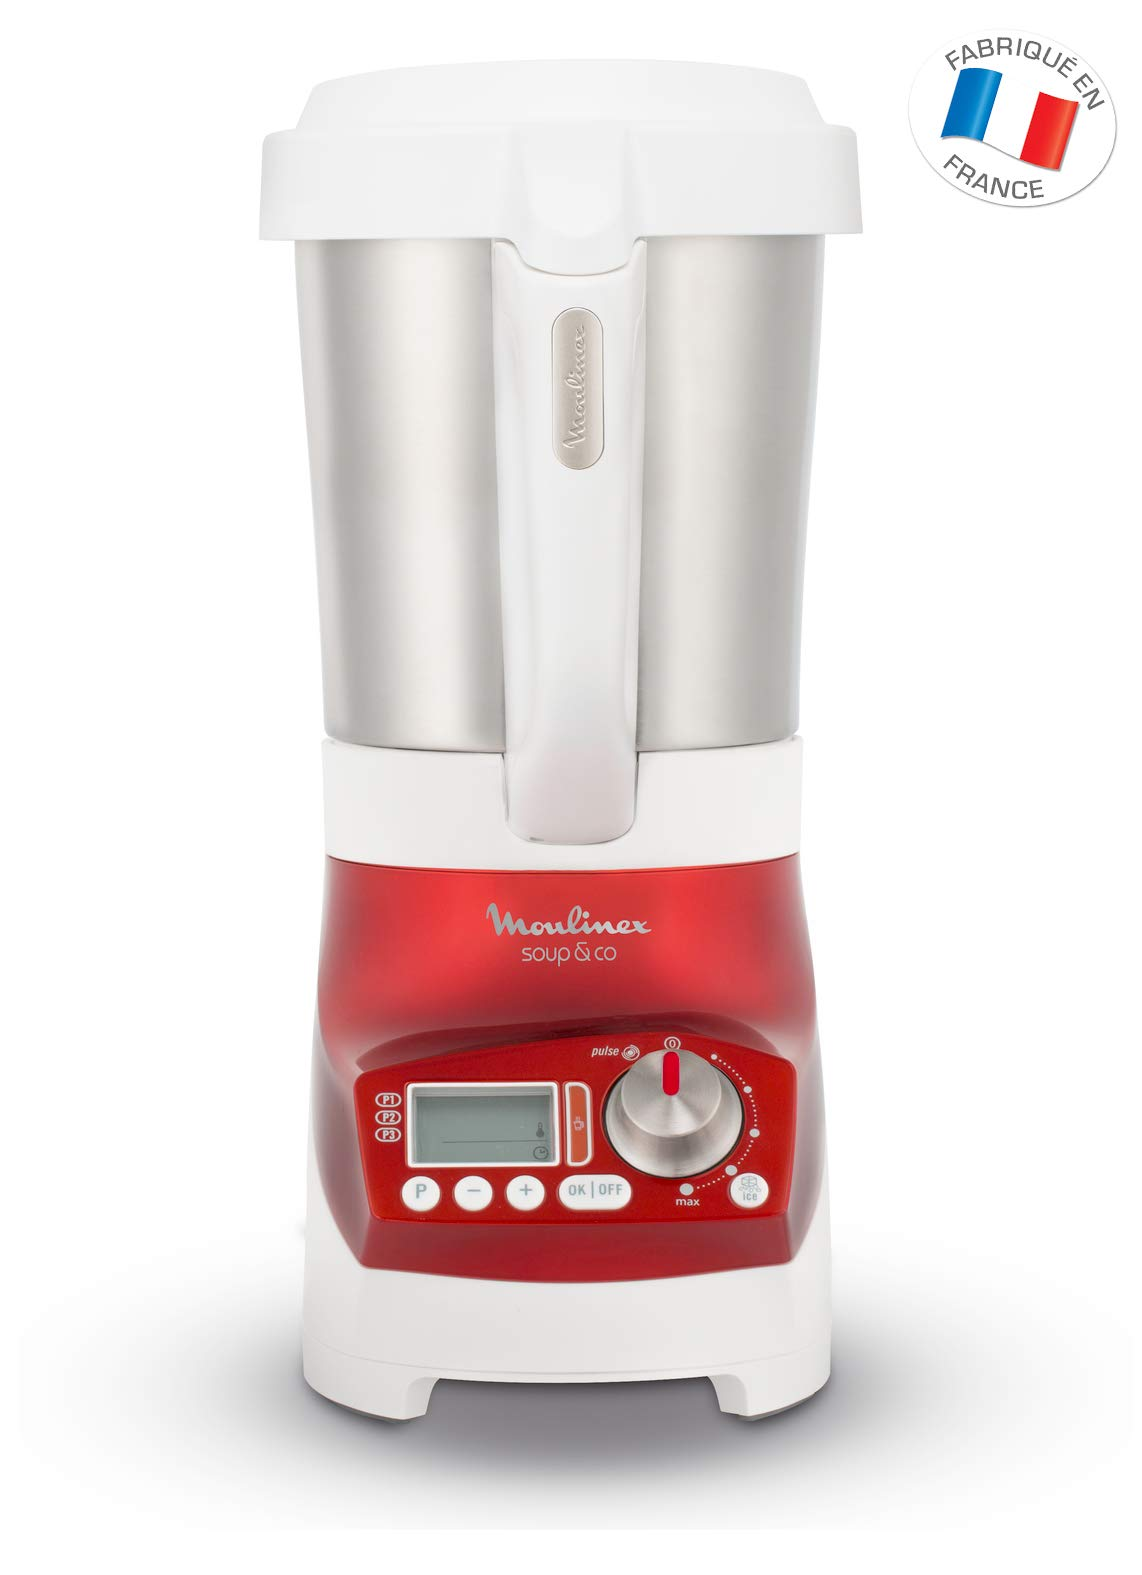 Moulinex LM906110 Batidora de vaso 2.8L 1100W Rojo - Licuadora (2,8 L, 1600 RPM, LCD, Batidora de vaso, Rojo, Acero inoxidable): Amazon.es: Hogar